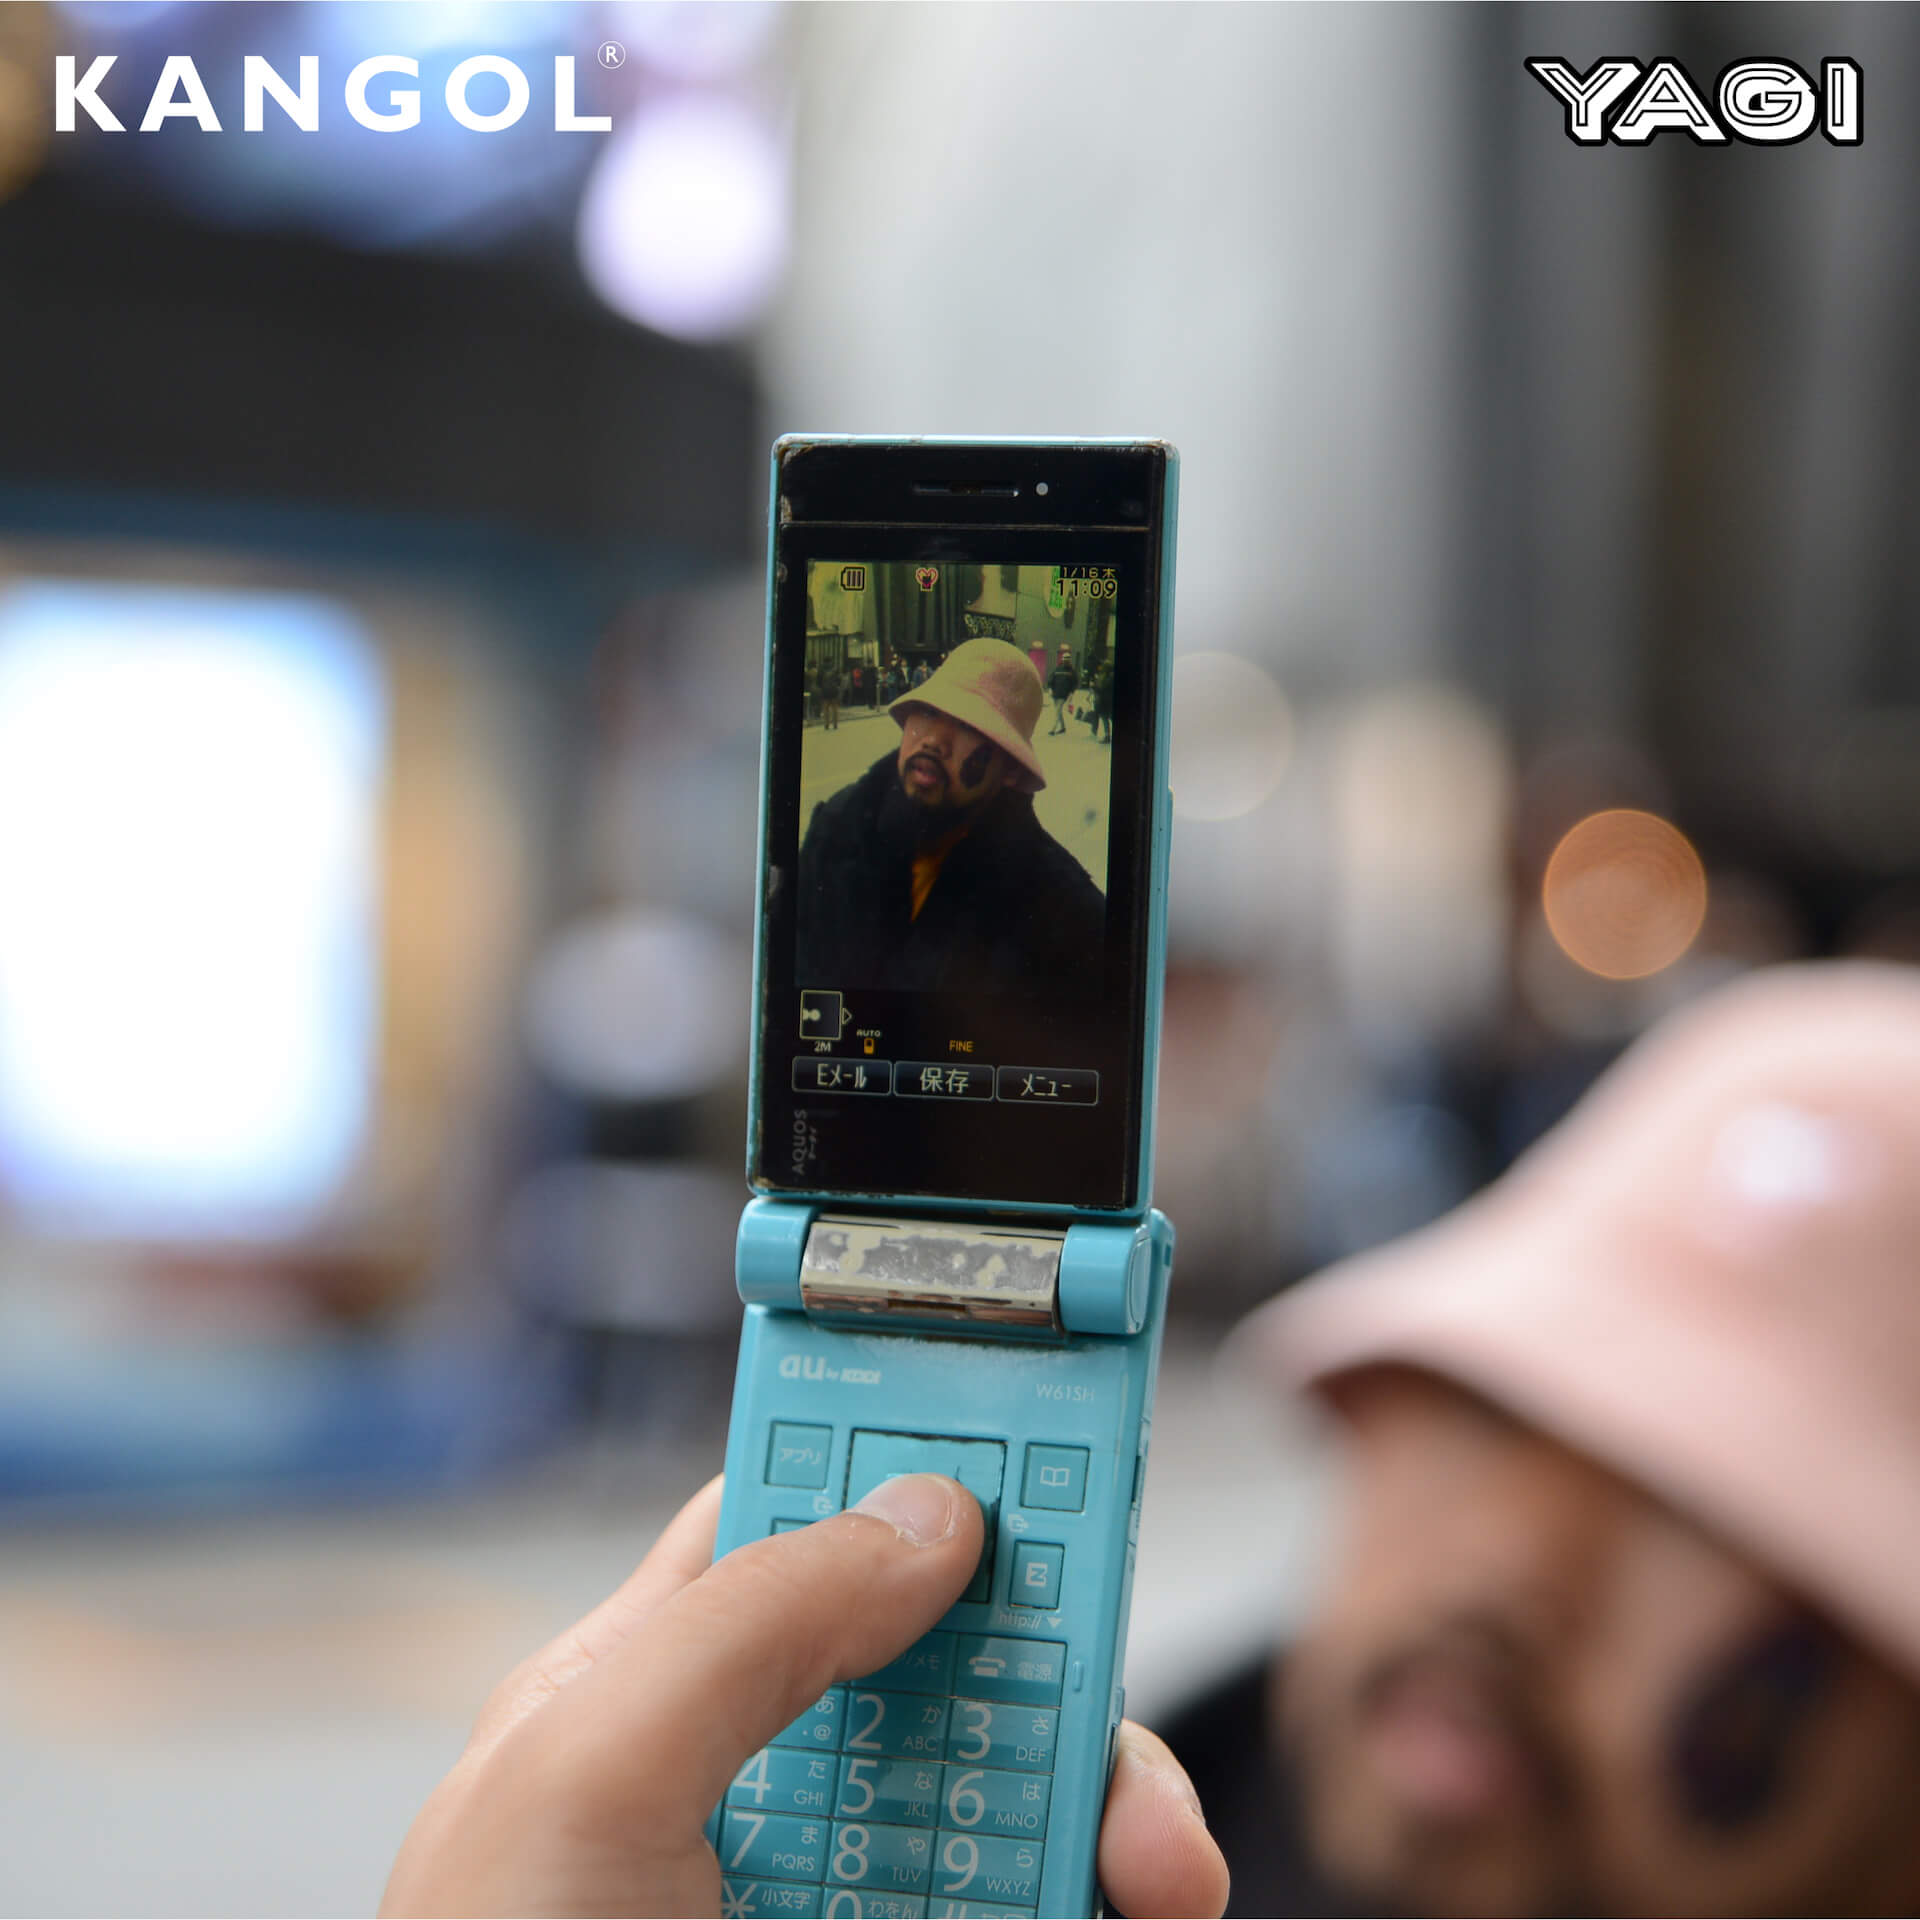 KANGOLがオカモトレイジ率いる「YAGI EXHIBITION」とコラボ|YAGIを配したオリジナルハット発売 life200302_yagi_kangol_12